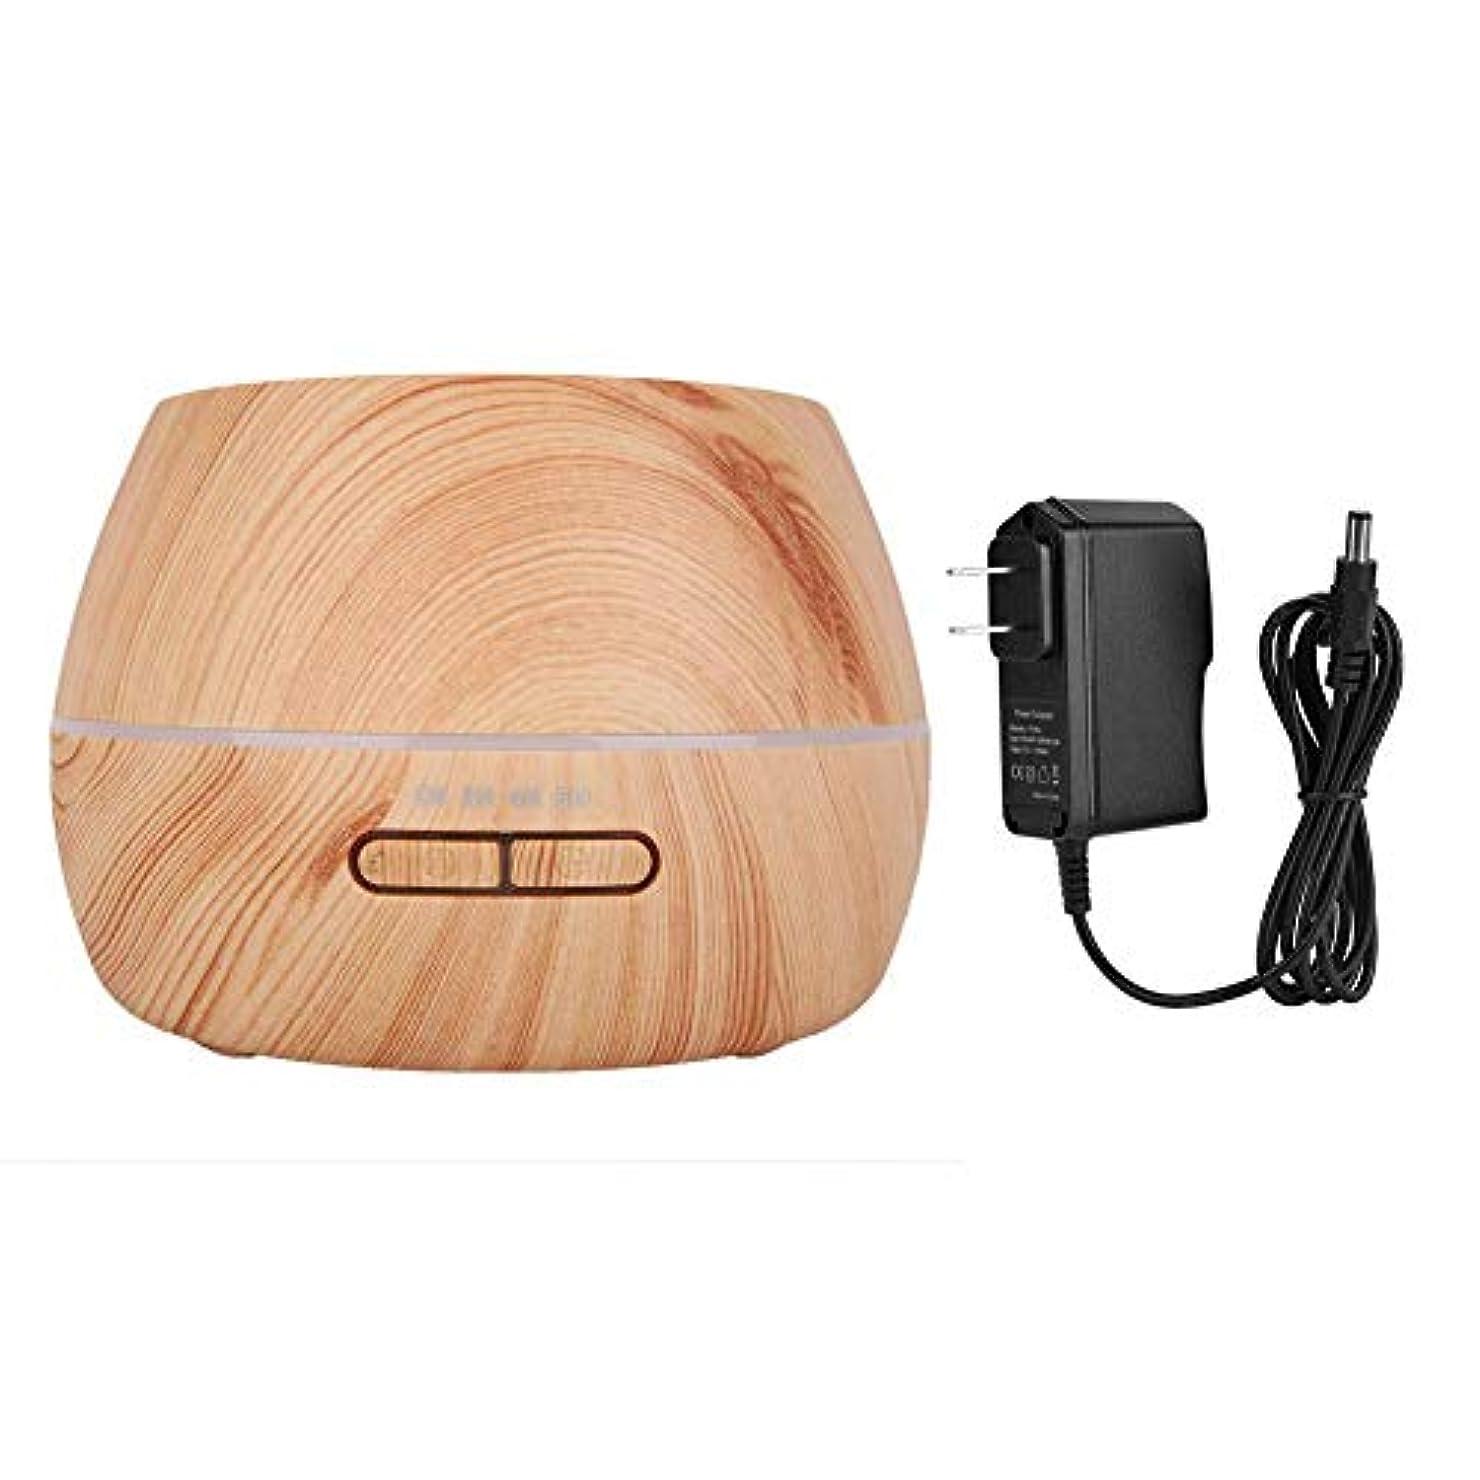 倍増簡単なアームストロングアロマエッセンシャルオイルディフューザー300ミリリットルクールミスト加湿器寝室リビングルーム研究ヨガスパ(100?240V)